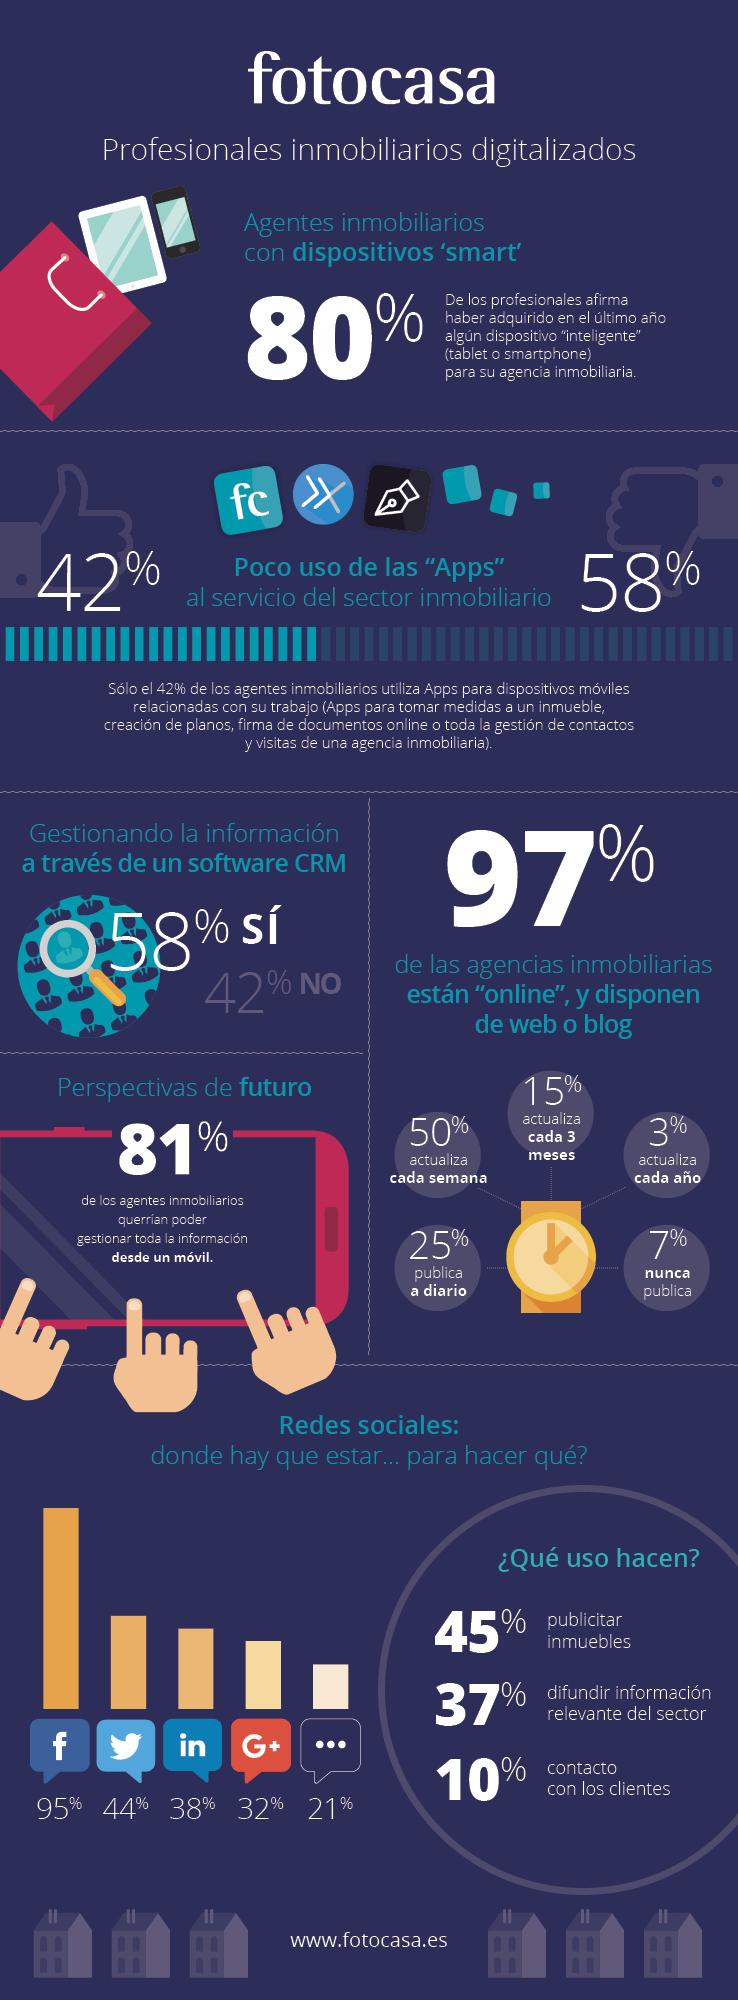 Infografia-fotocasa_ProfesionalesDigitalizados_v2